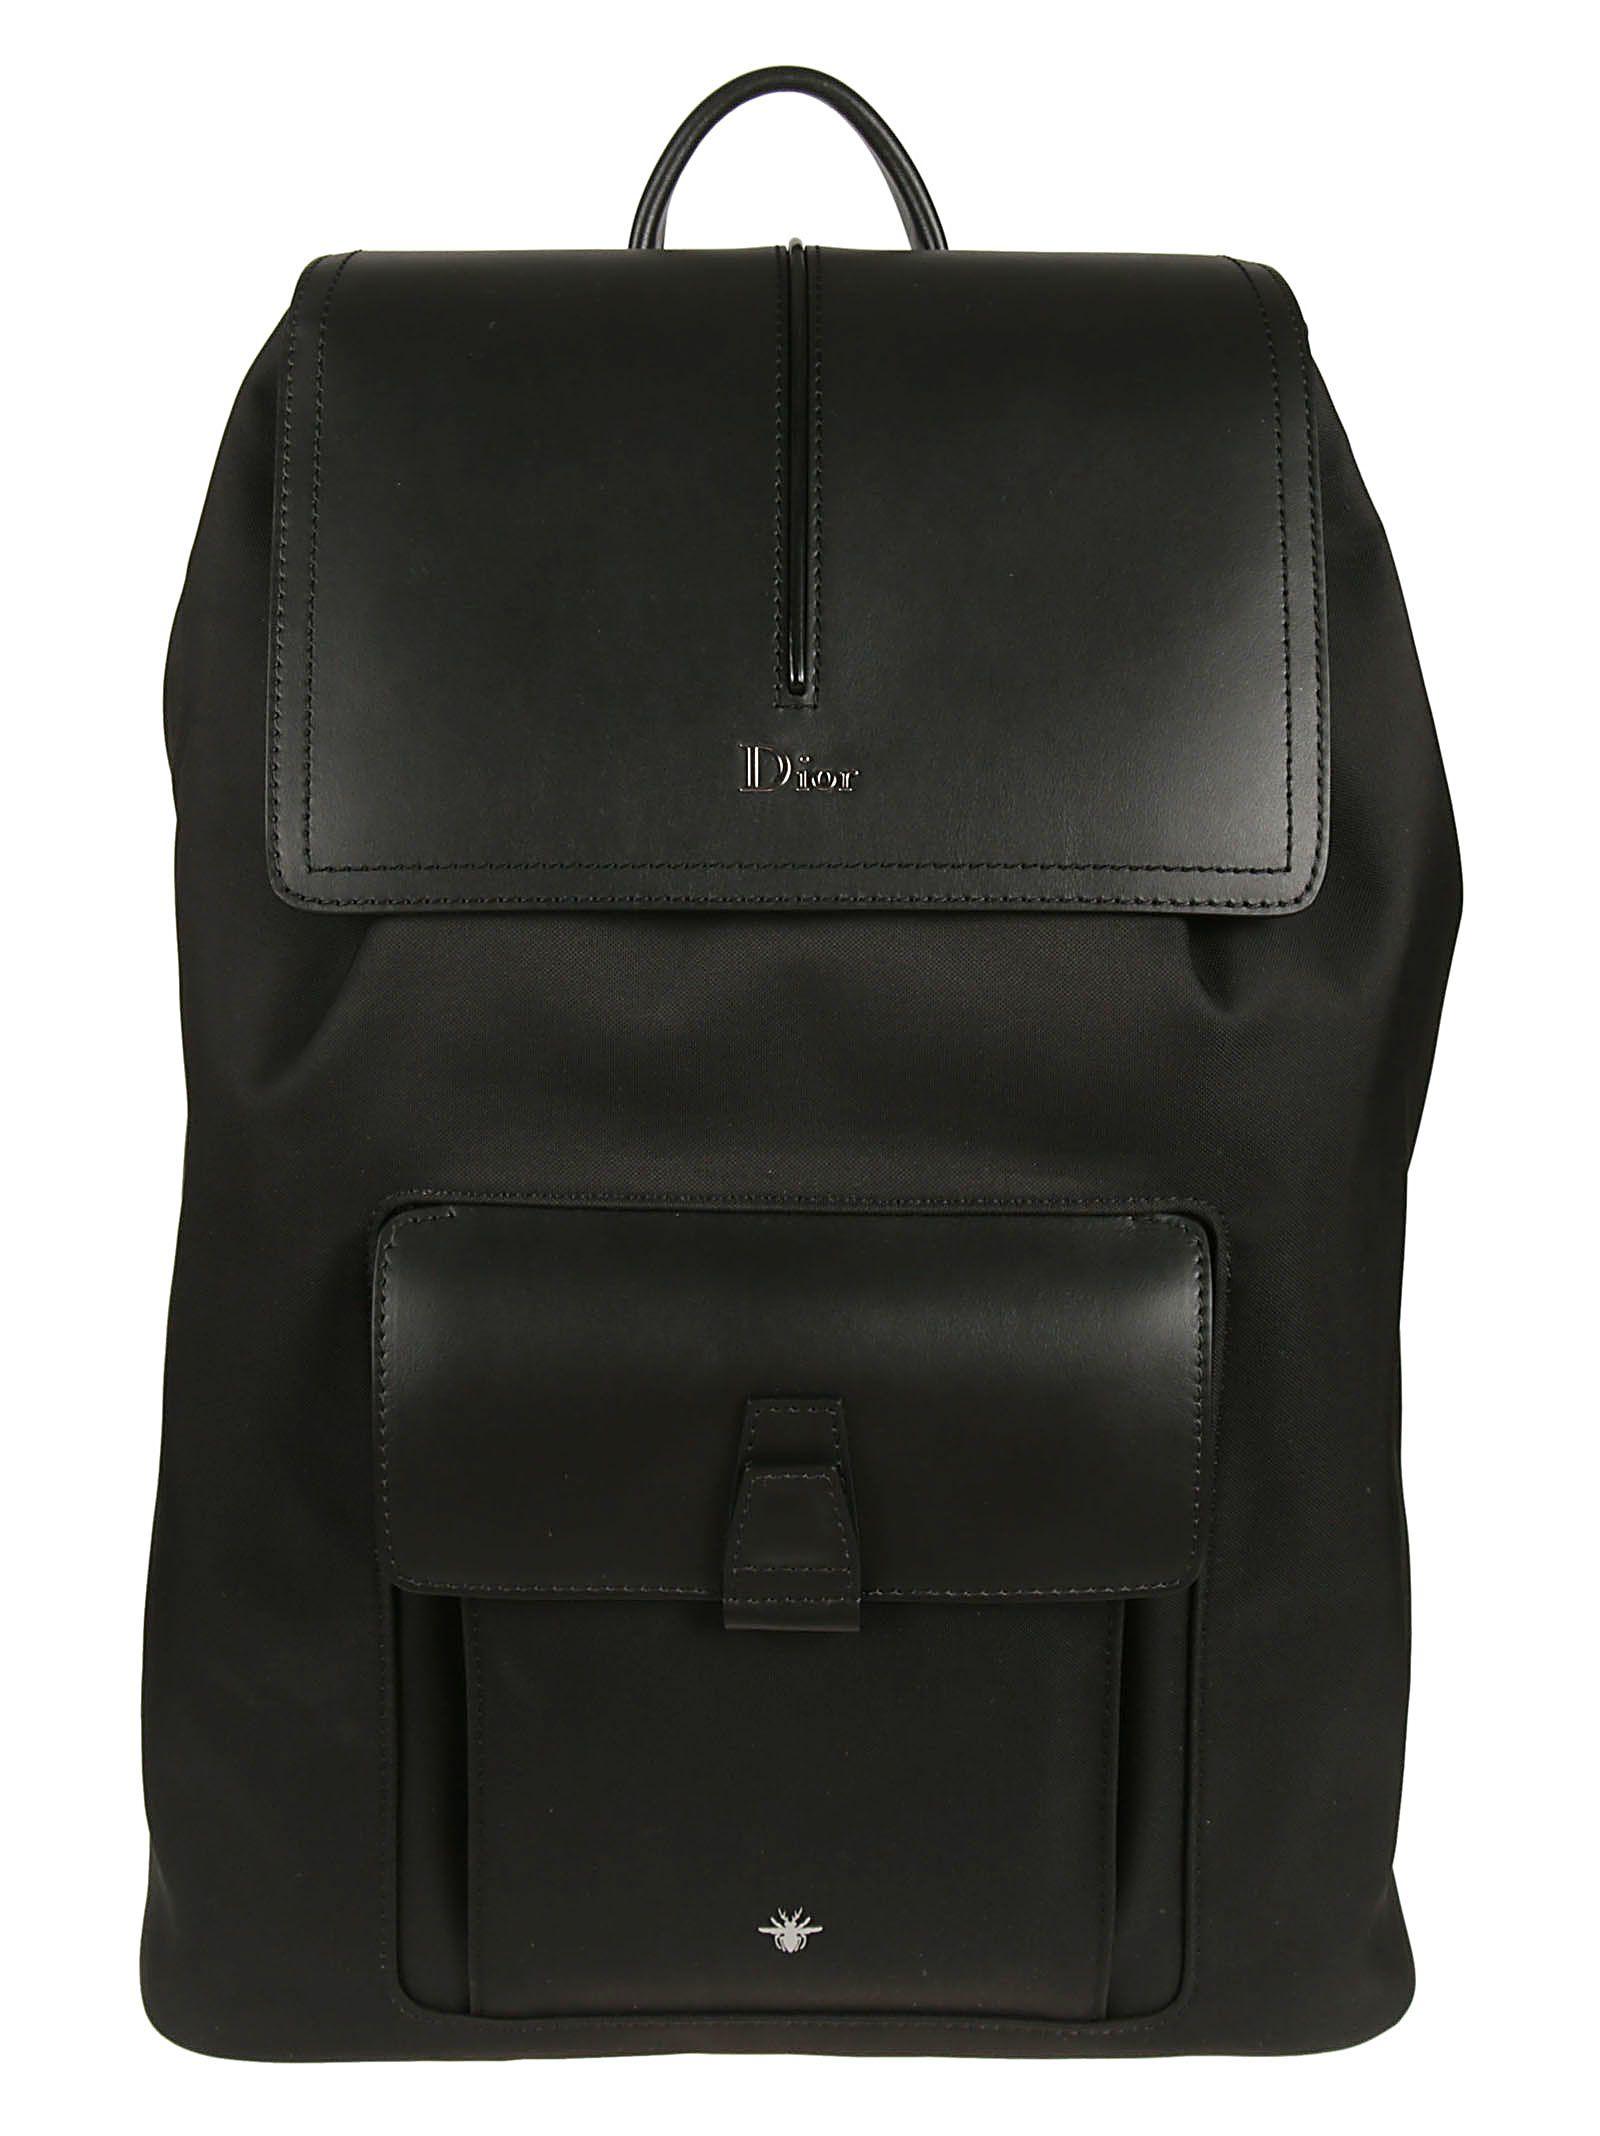 DIOR HOMME Flap Backpack, Black Multi